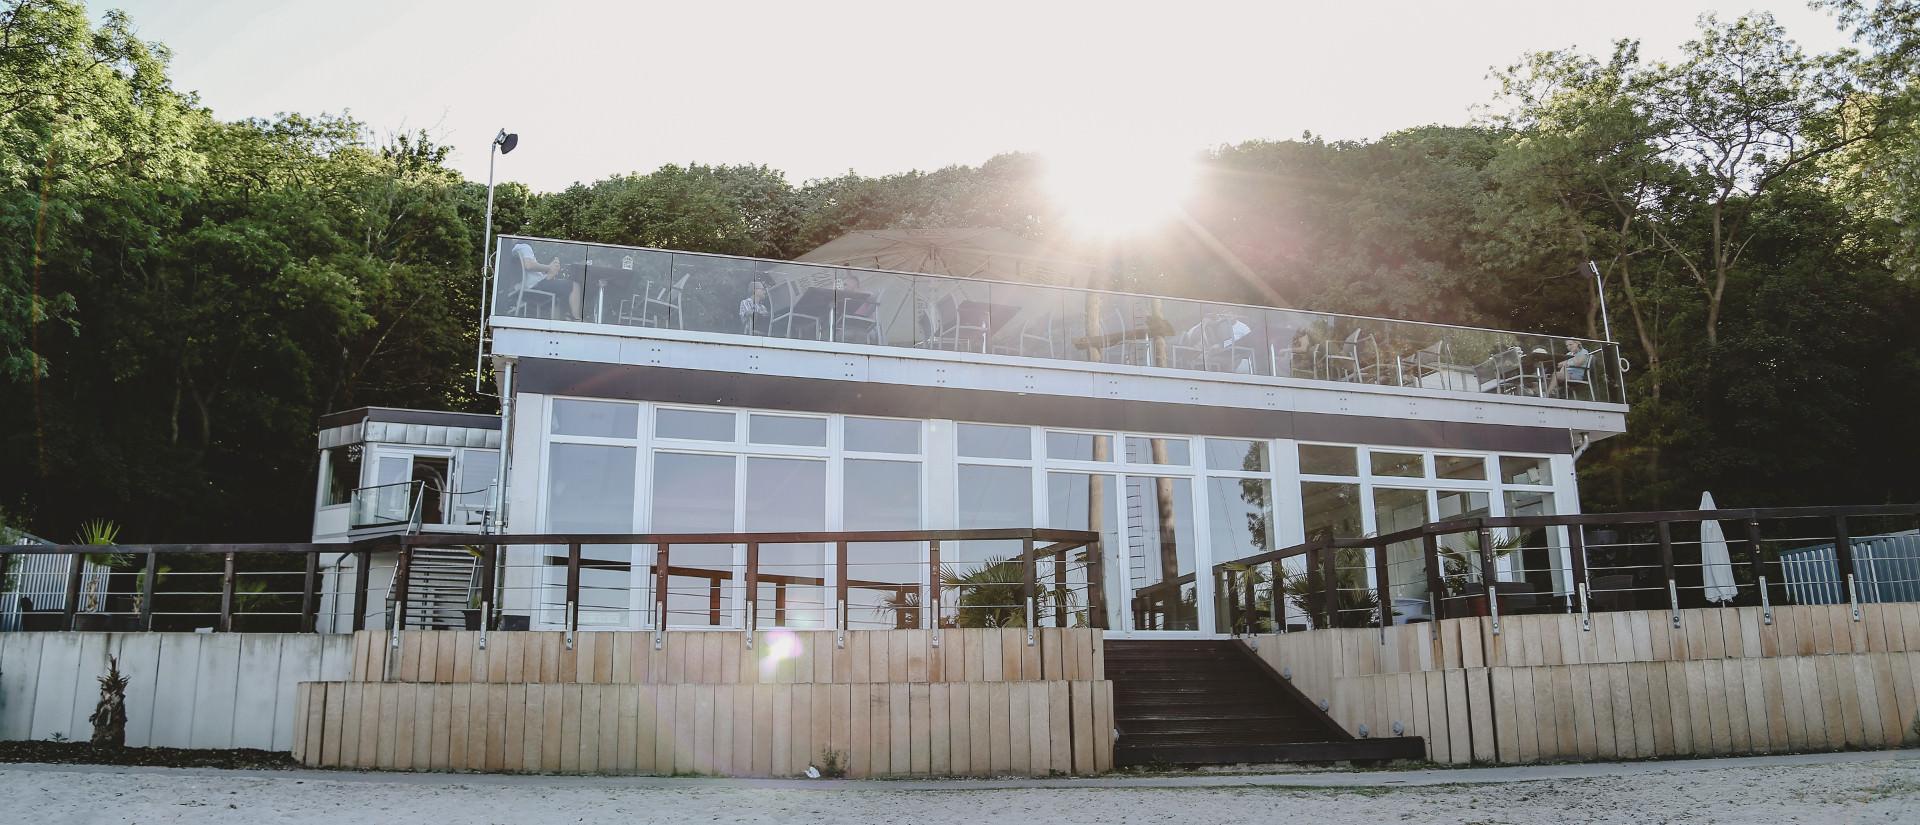 heiraten am strand der seepavillon koln bietet wunderschone moglichkeiten